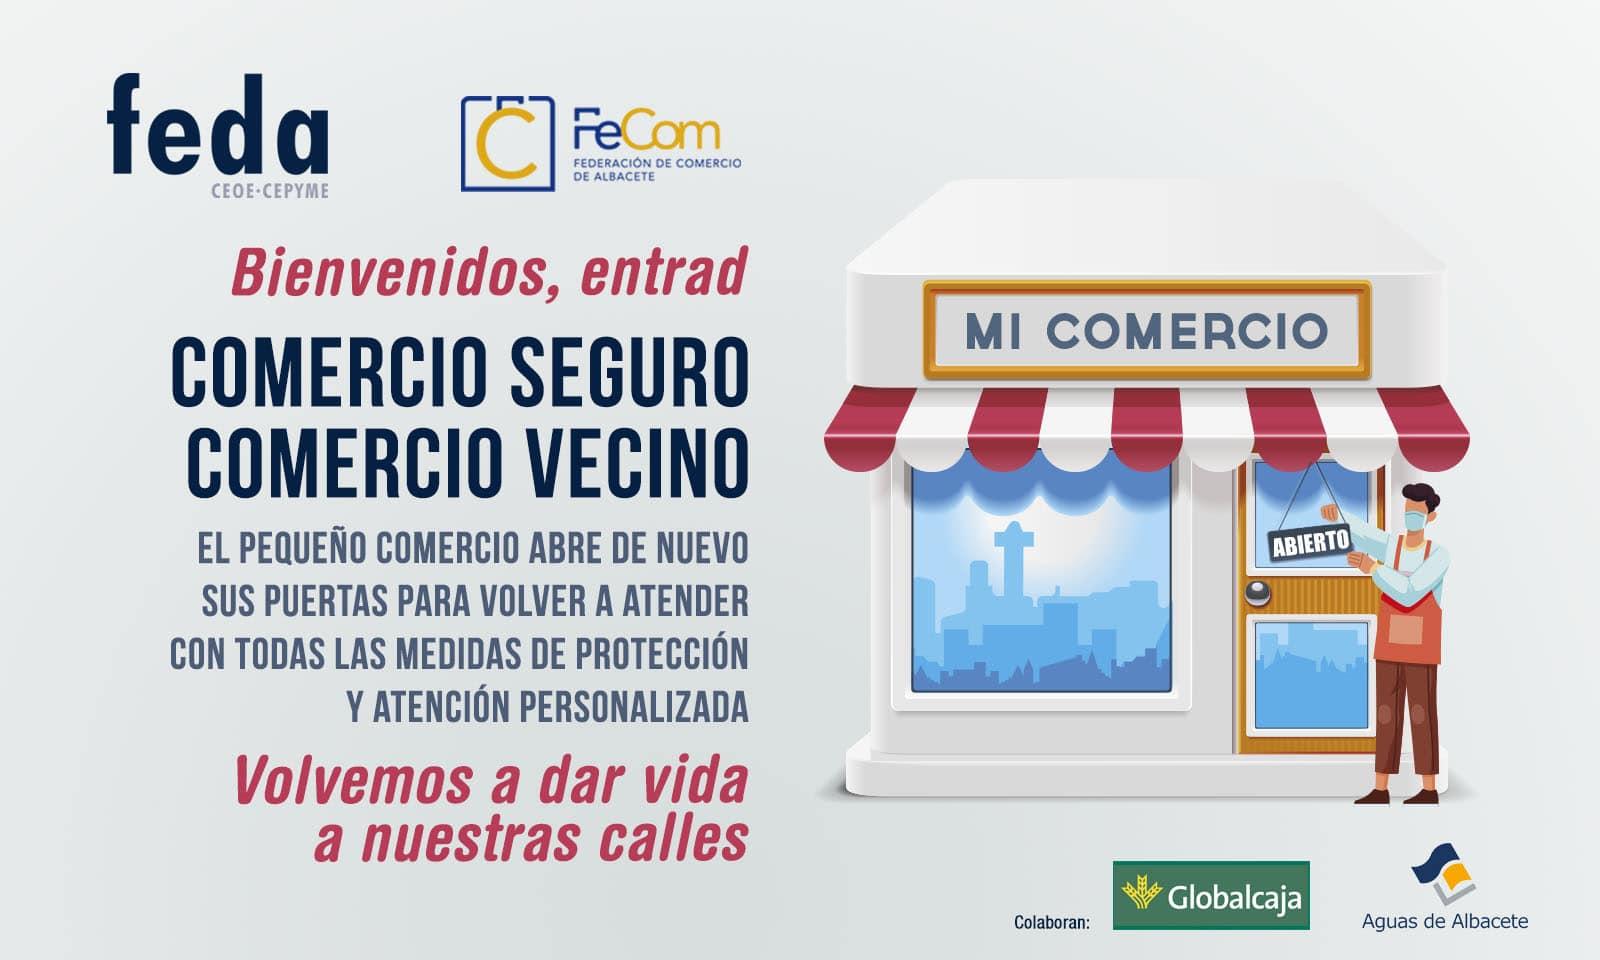 https://blog.globalcaja.es/wp-content/uploads/2020/06/Comercio-abierto-comercio-seguro.jpg